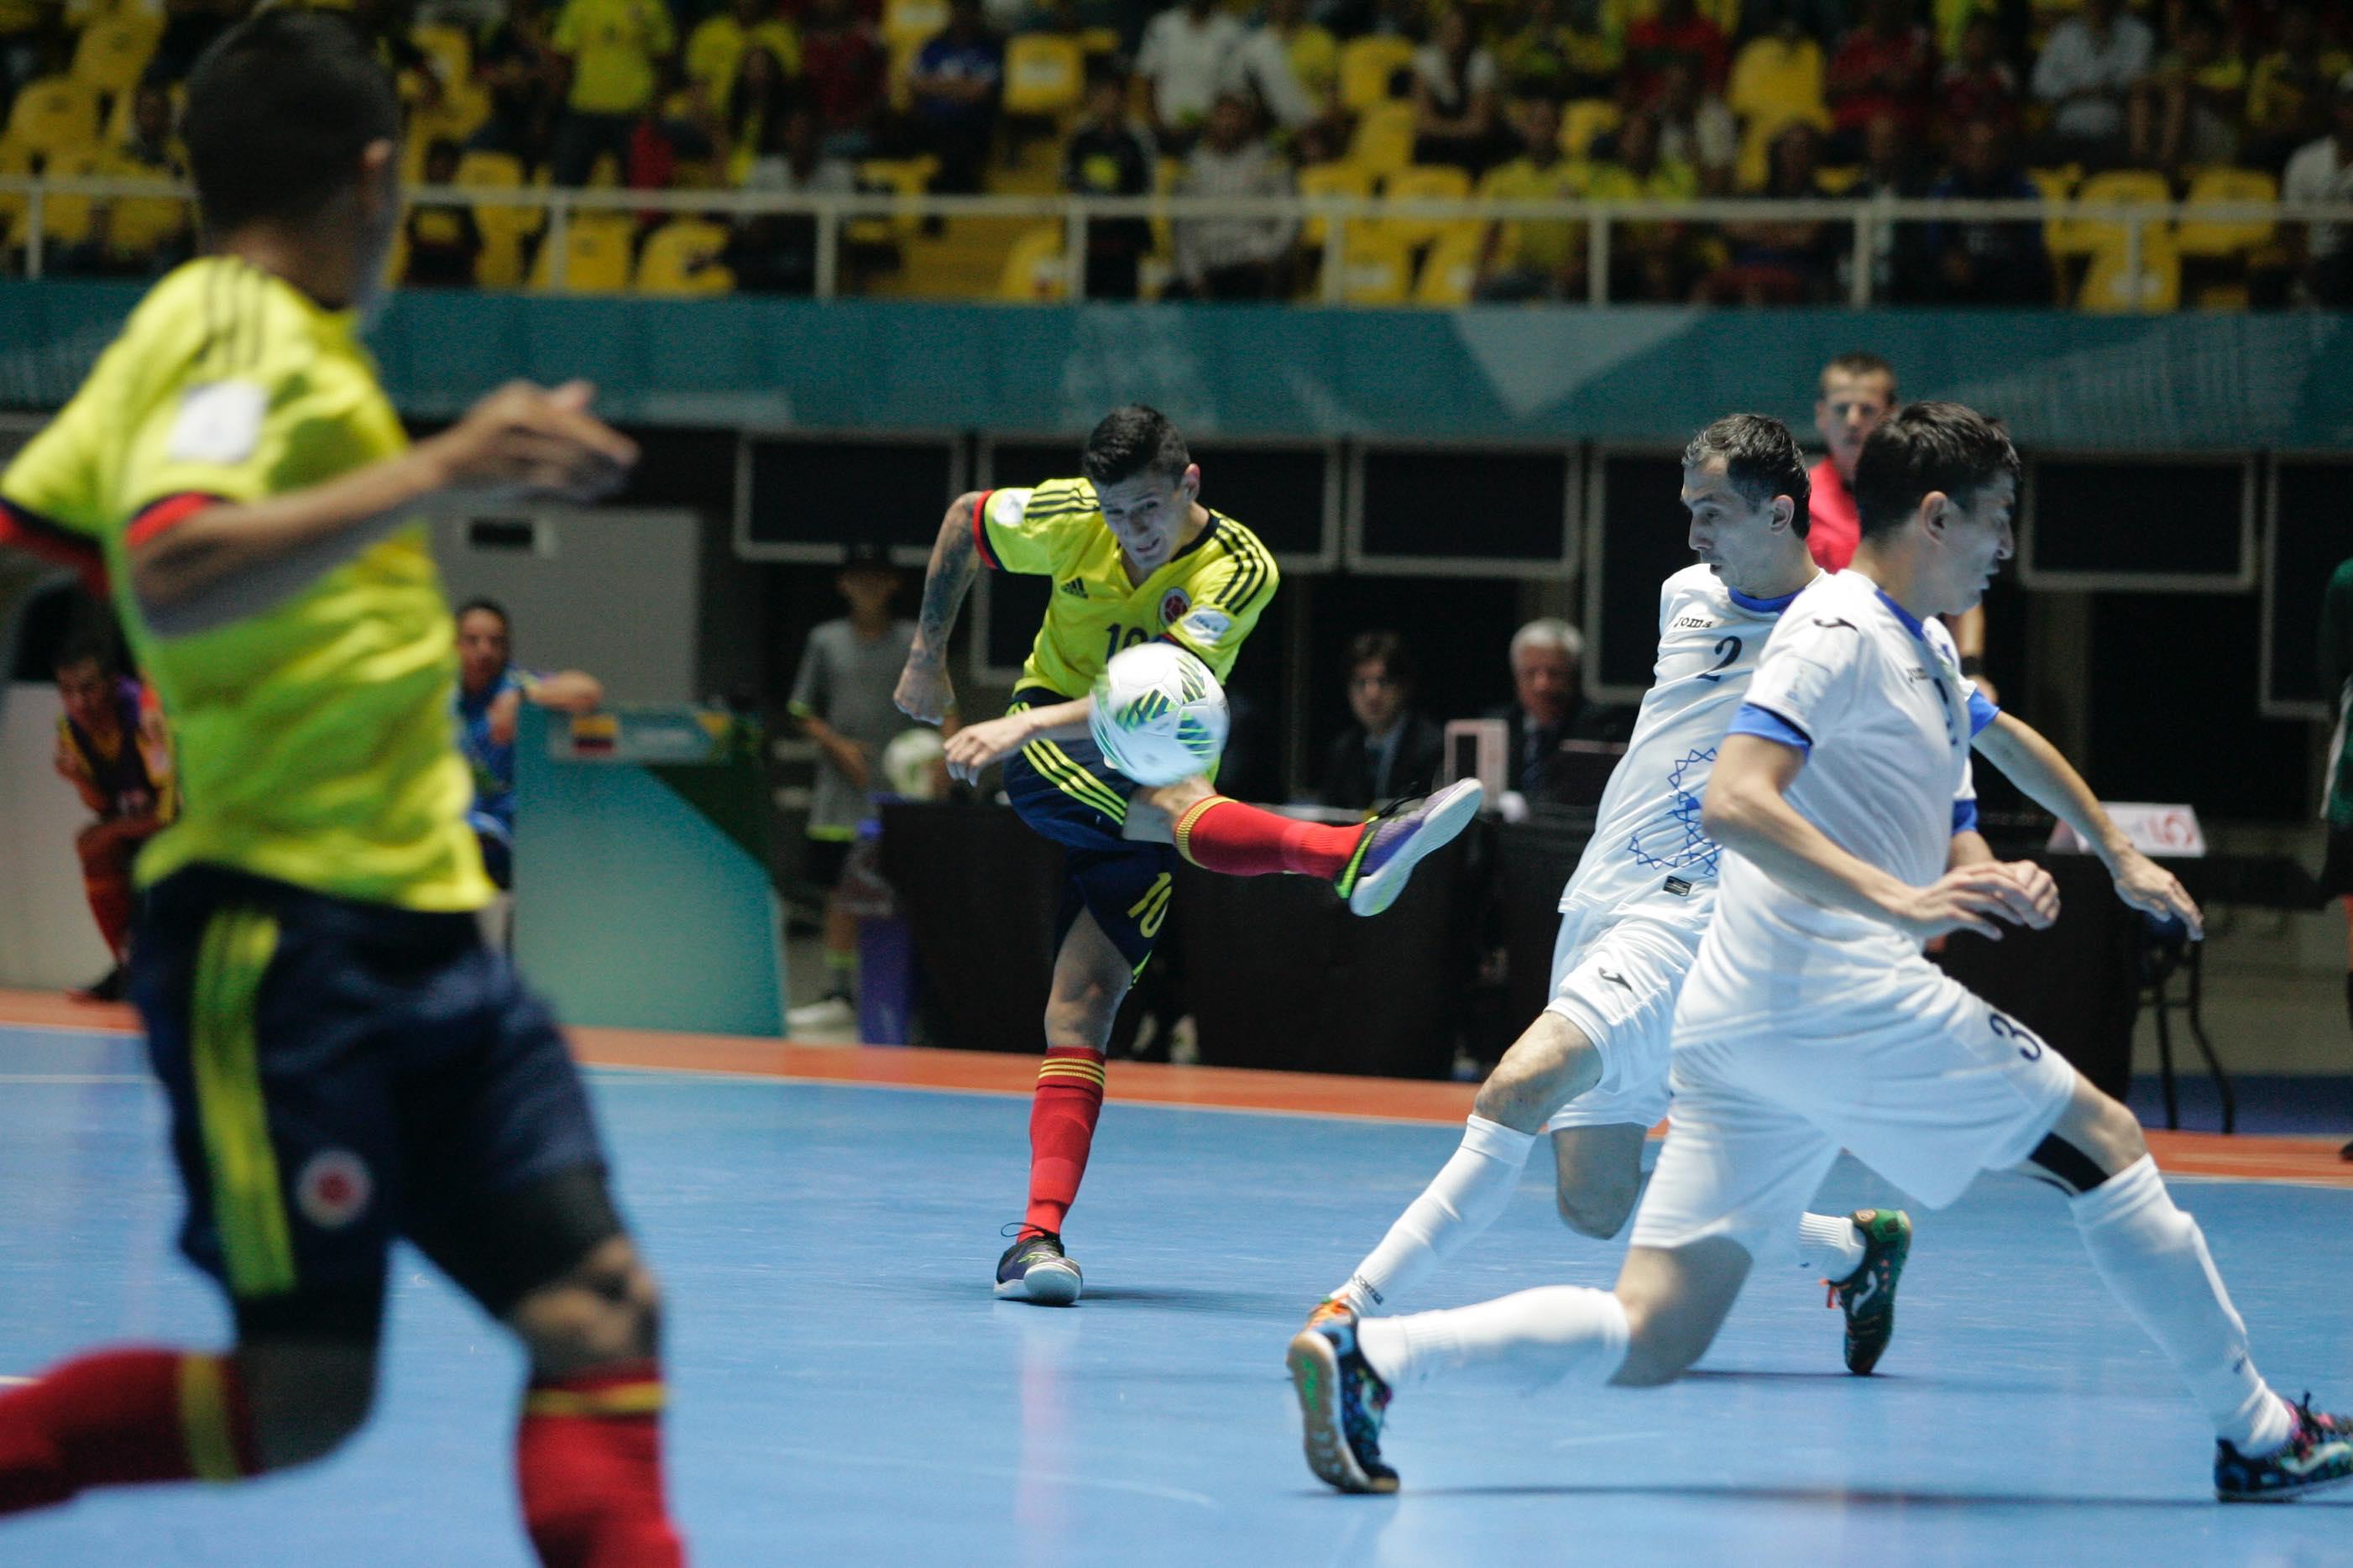 コロンビア代表のキャプテン、アンジェロット。2試合で3得点を決めたエースの活躍に期待がかかる。